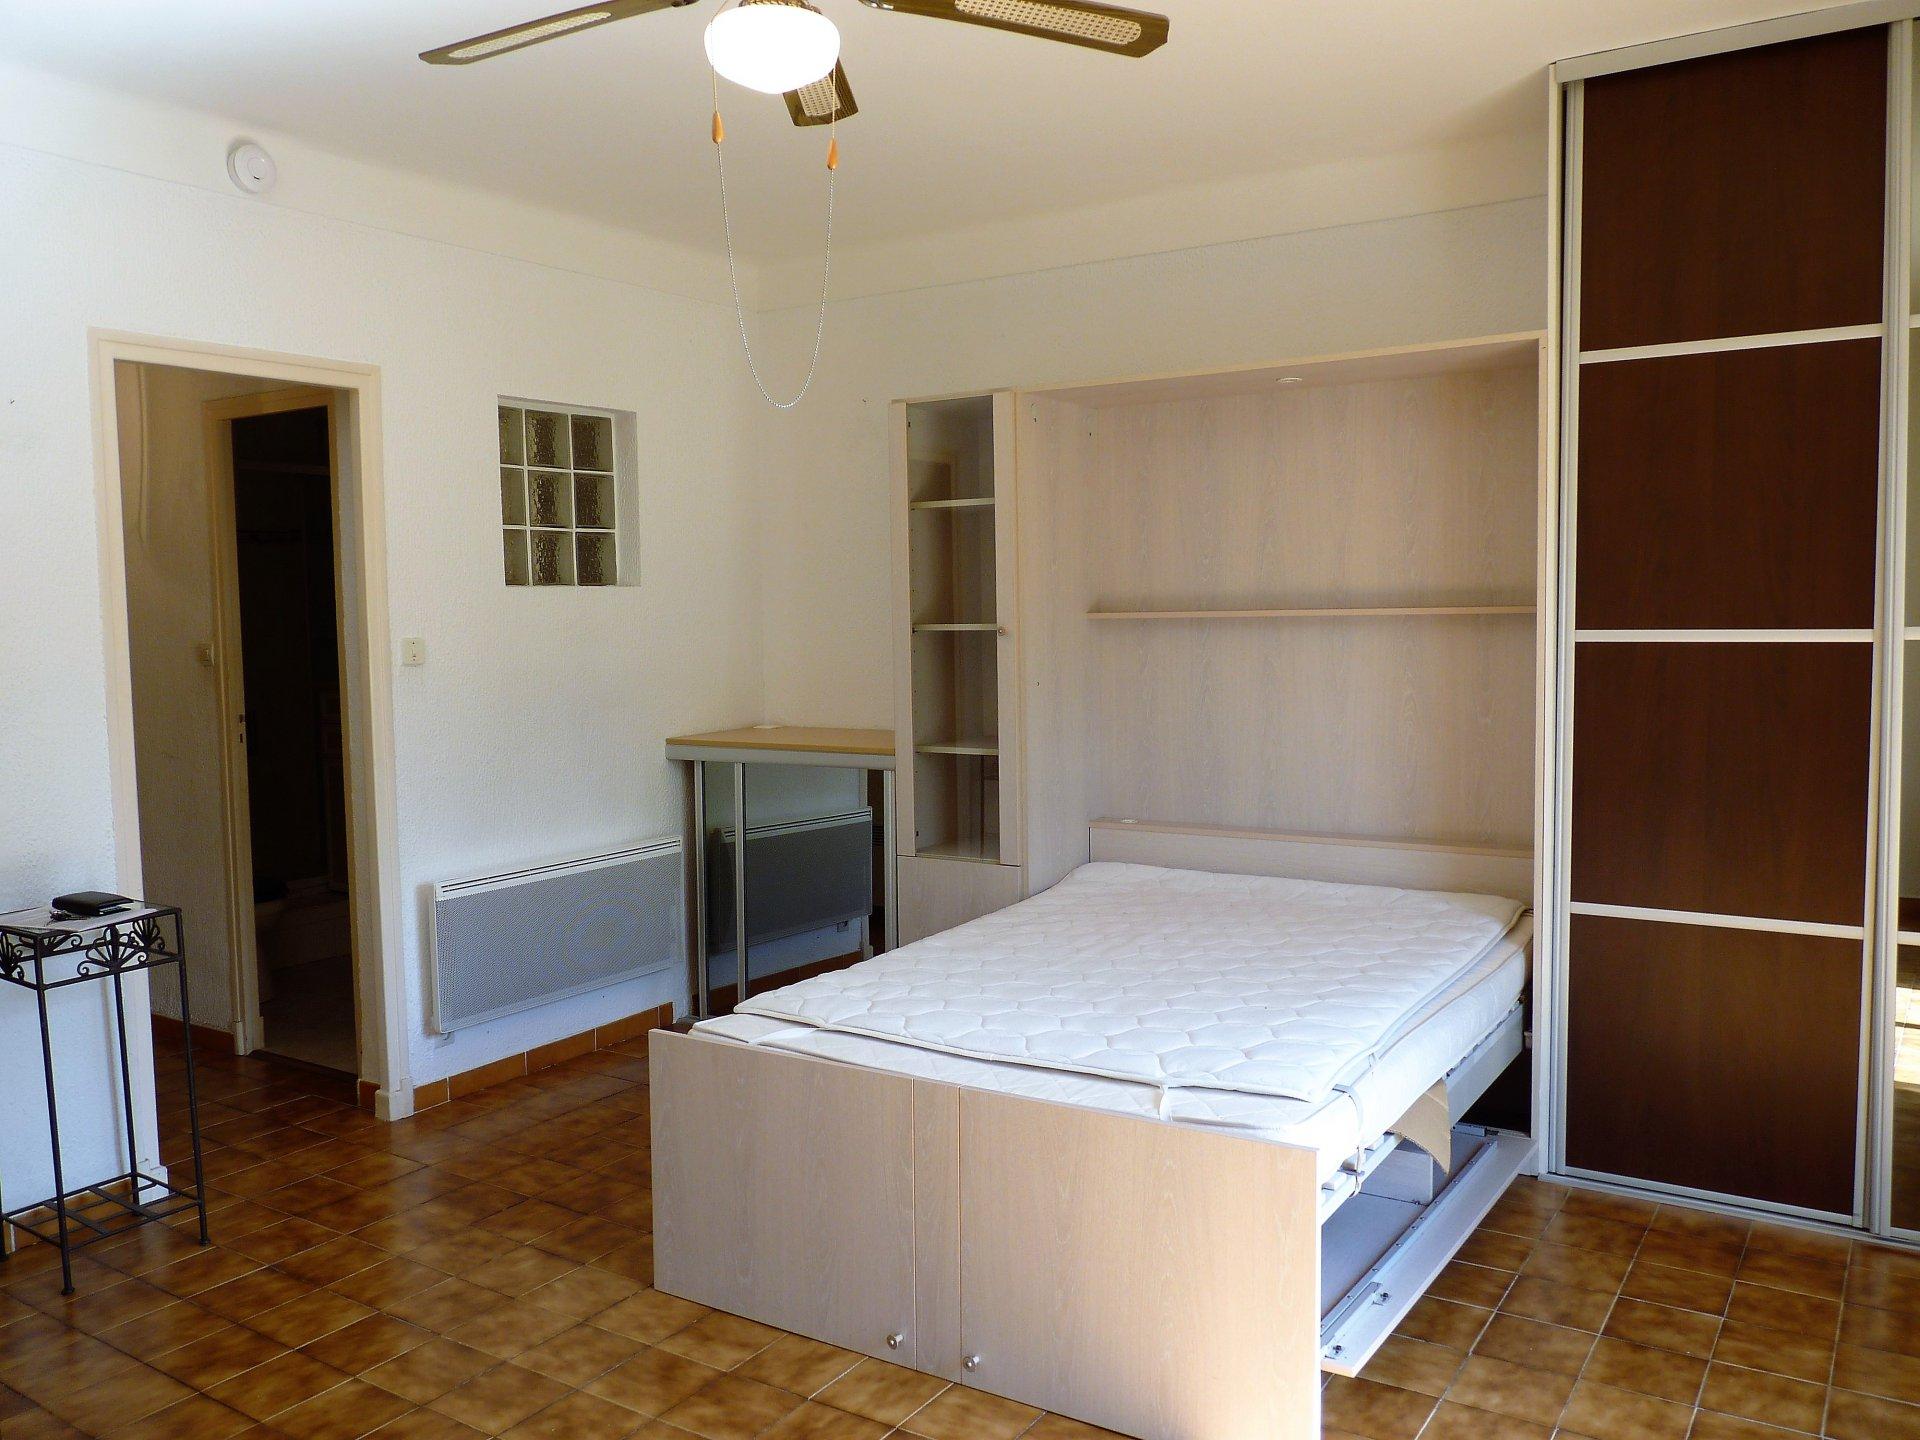 la ciotat clos des plages. Black Bedroom Furniture Sets. Home Design Ideas